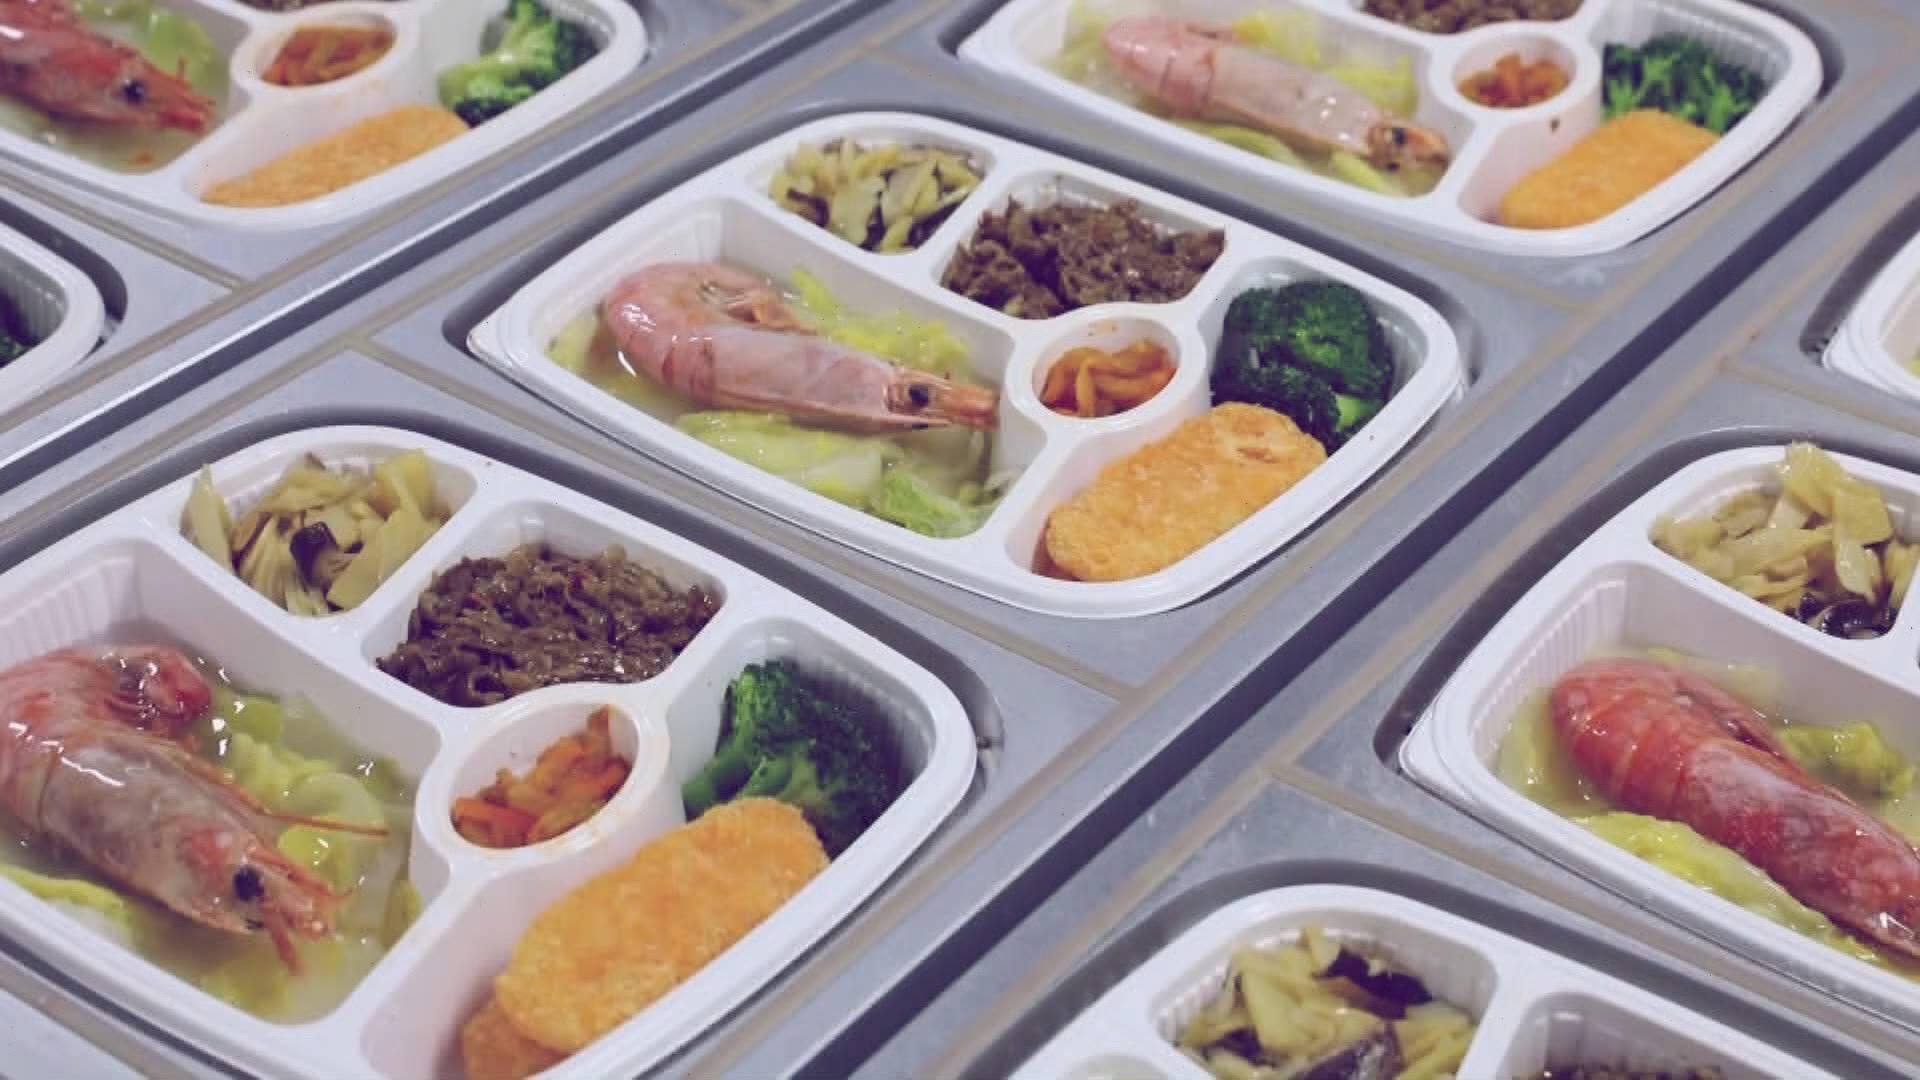 坐着高铁看山东   舌尖上的列车:从小灶台到多样套餐点单出菜